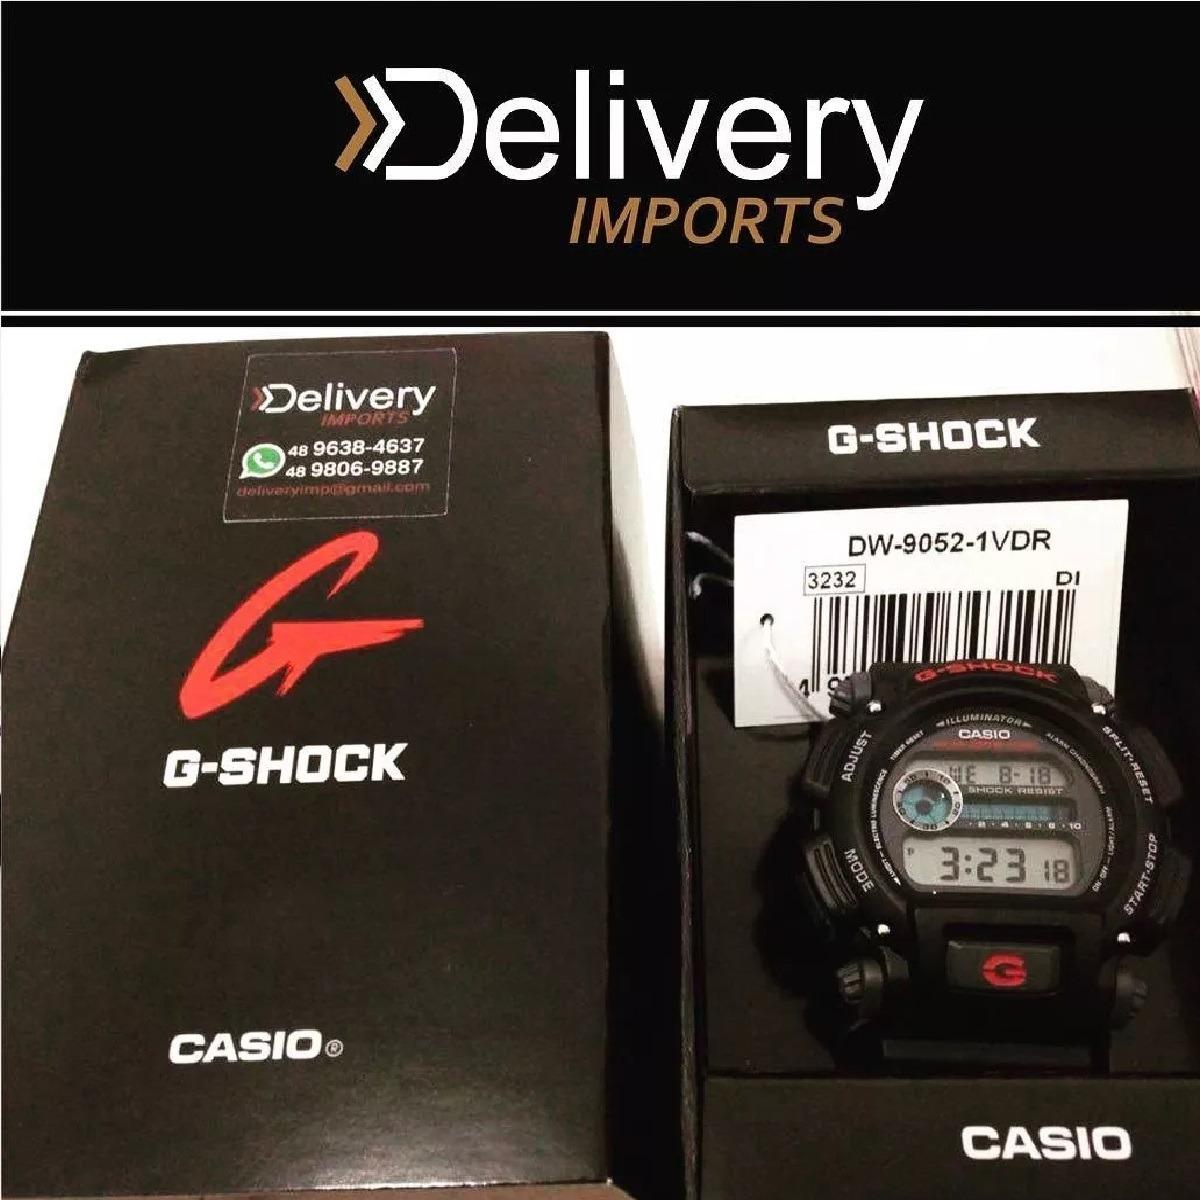 72a039ecf75 relogio casio g-shock dw9052 wr200 mts crono alarm origina. Carregando zoom.